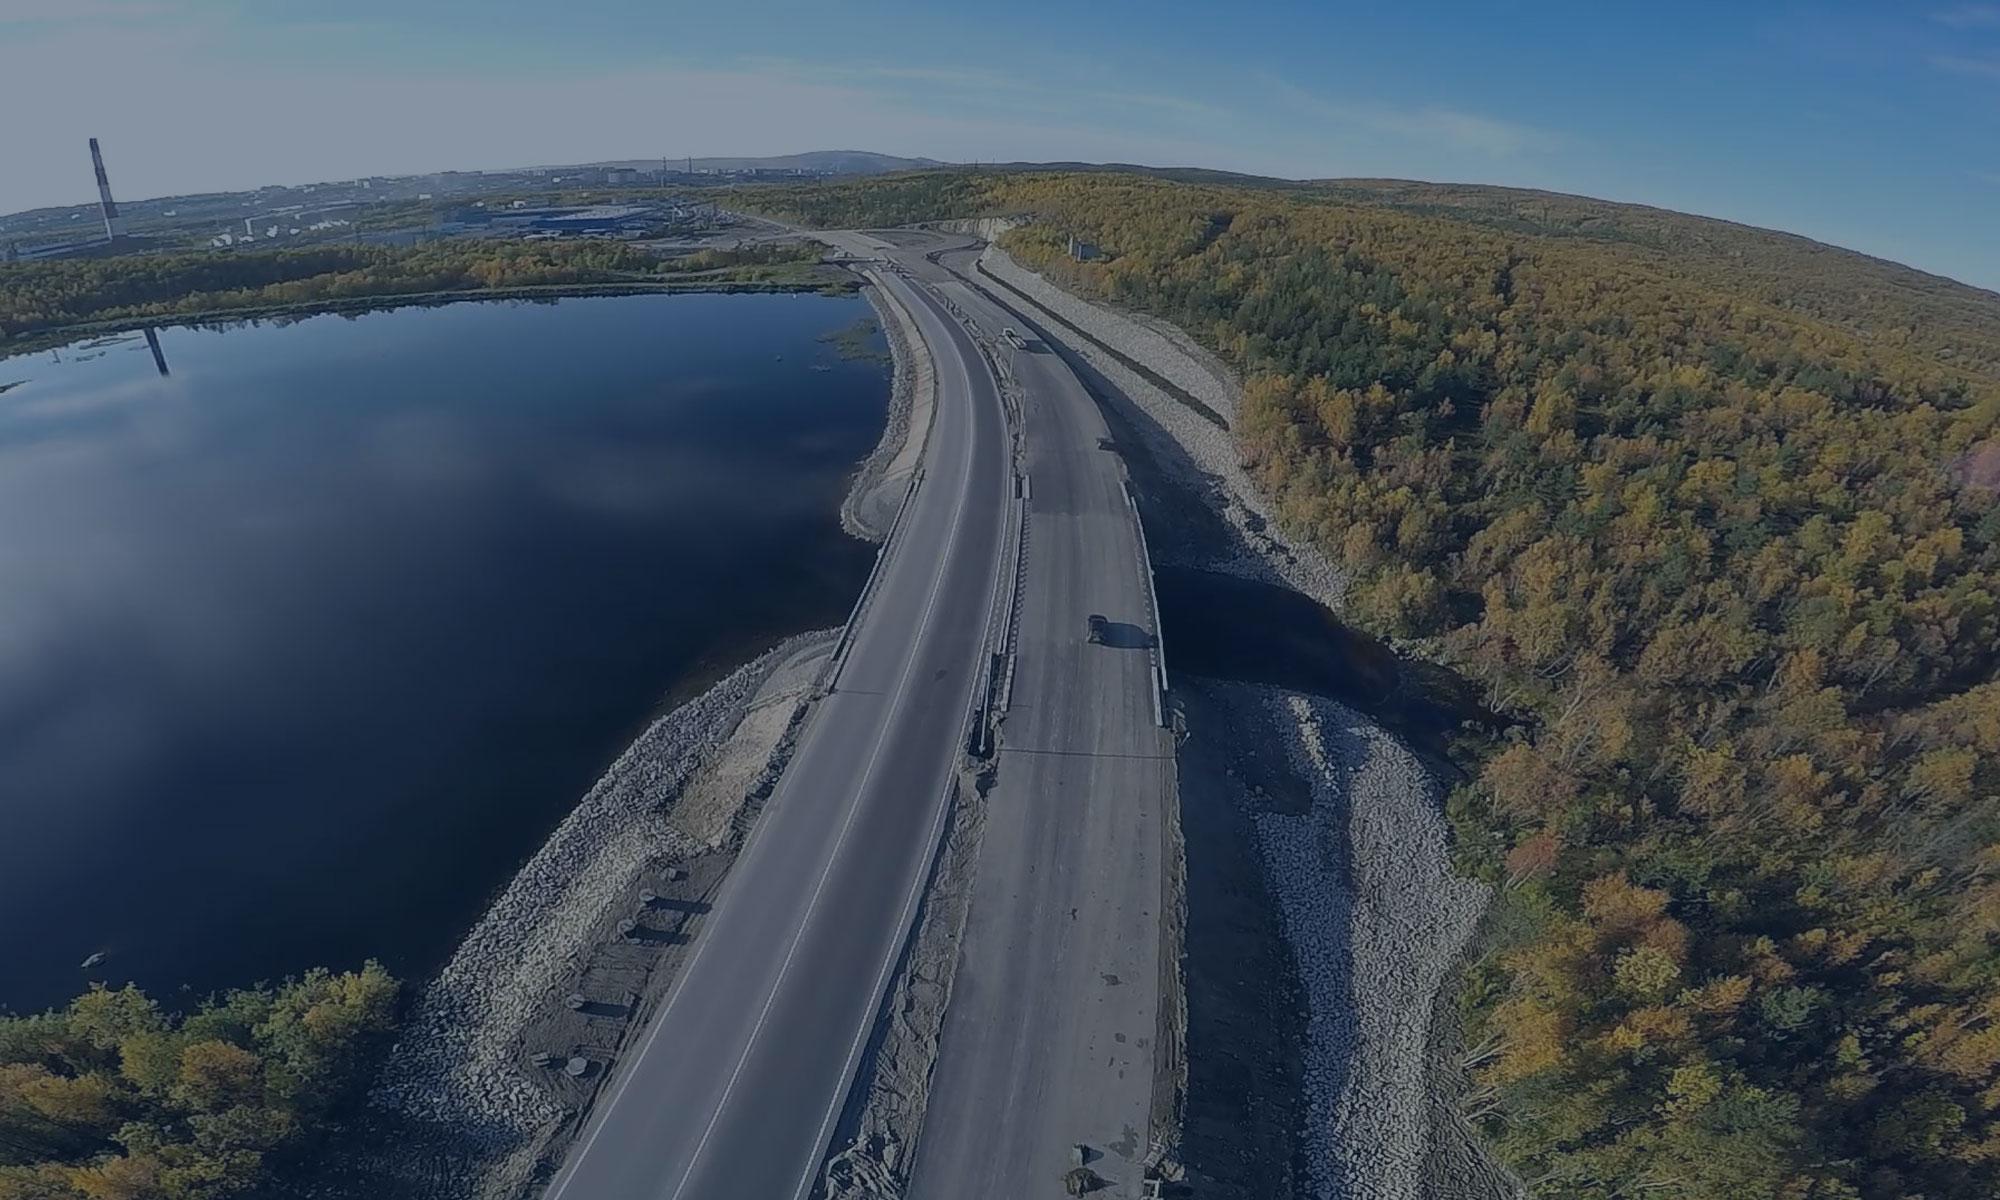 Реконструкция мостового перехода через реку Волхов на км 122+085 автомобильной дороги М-18 «Кола» (1 этап)